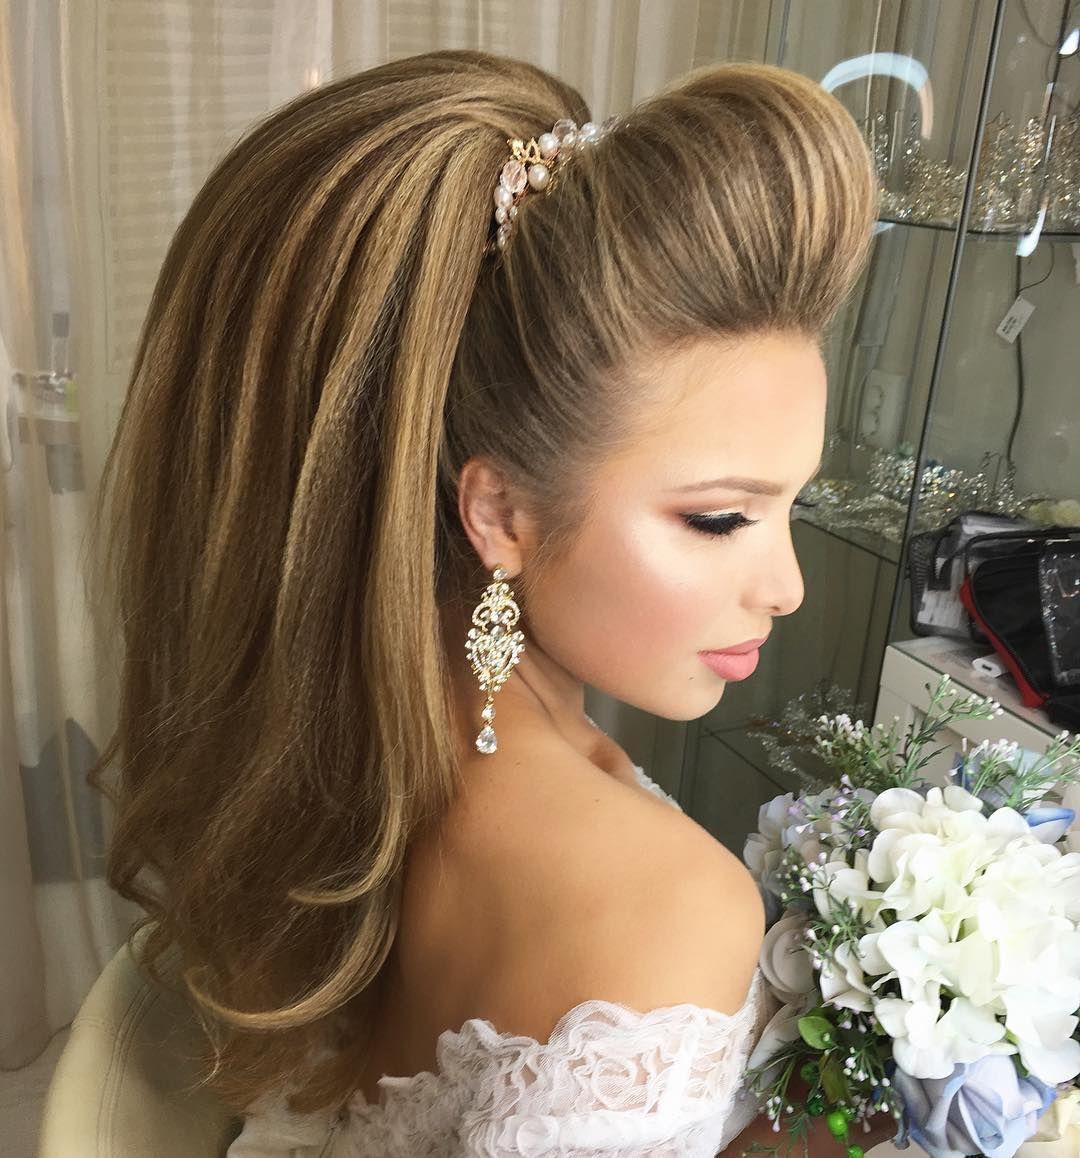 Big Wedding Hair: ⭐️ ANNA KOMAROVA ⭐️ (@komarova